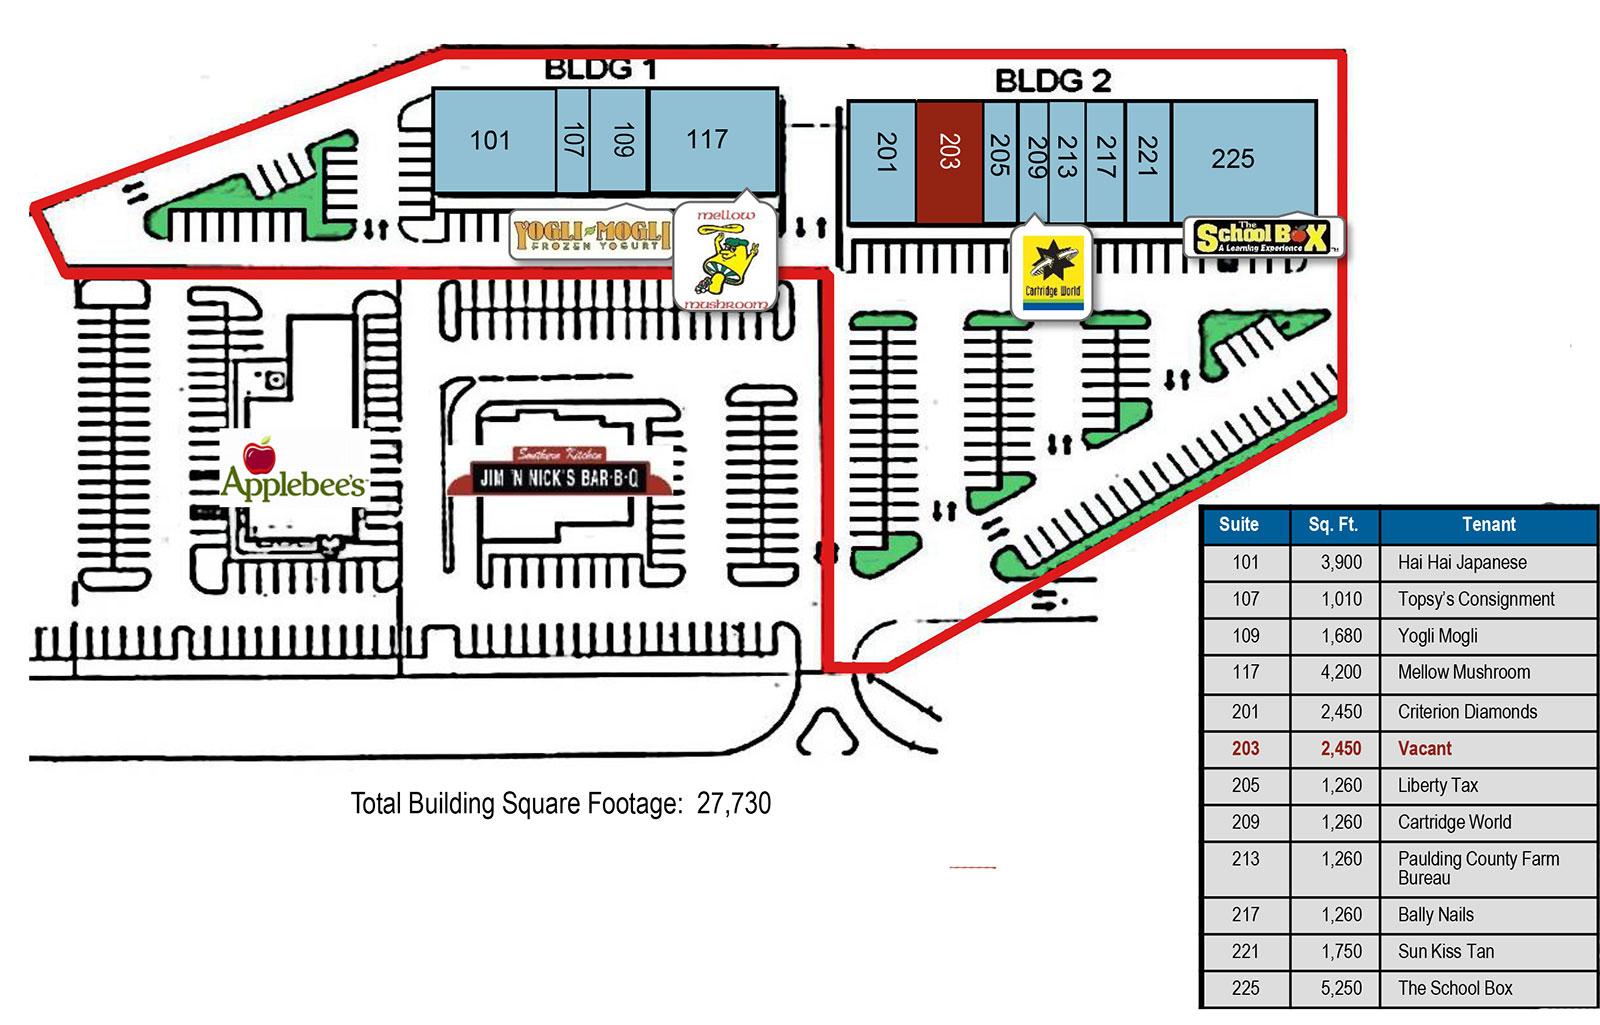 Hiram Square Site Plan - Hiram Square